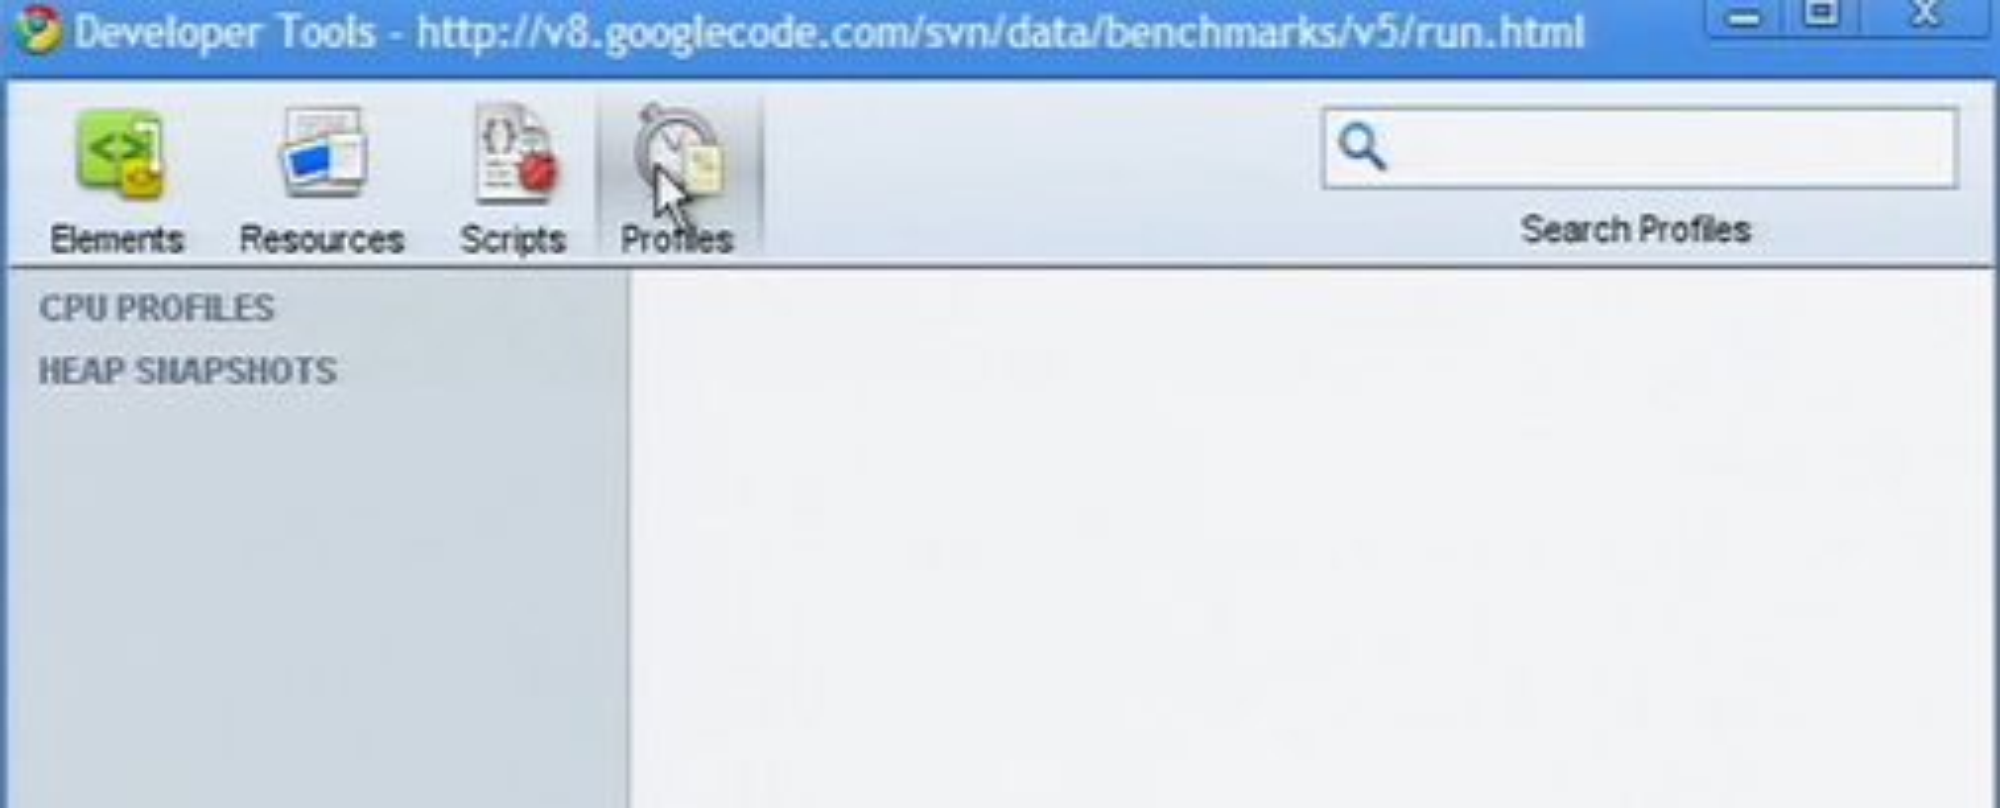 Utsnitt av utviklerverktøyene i Google Chrome.